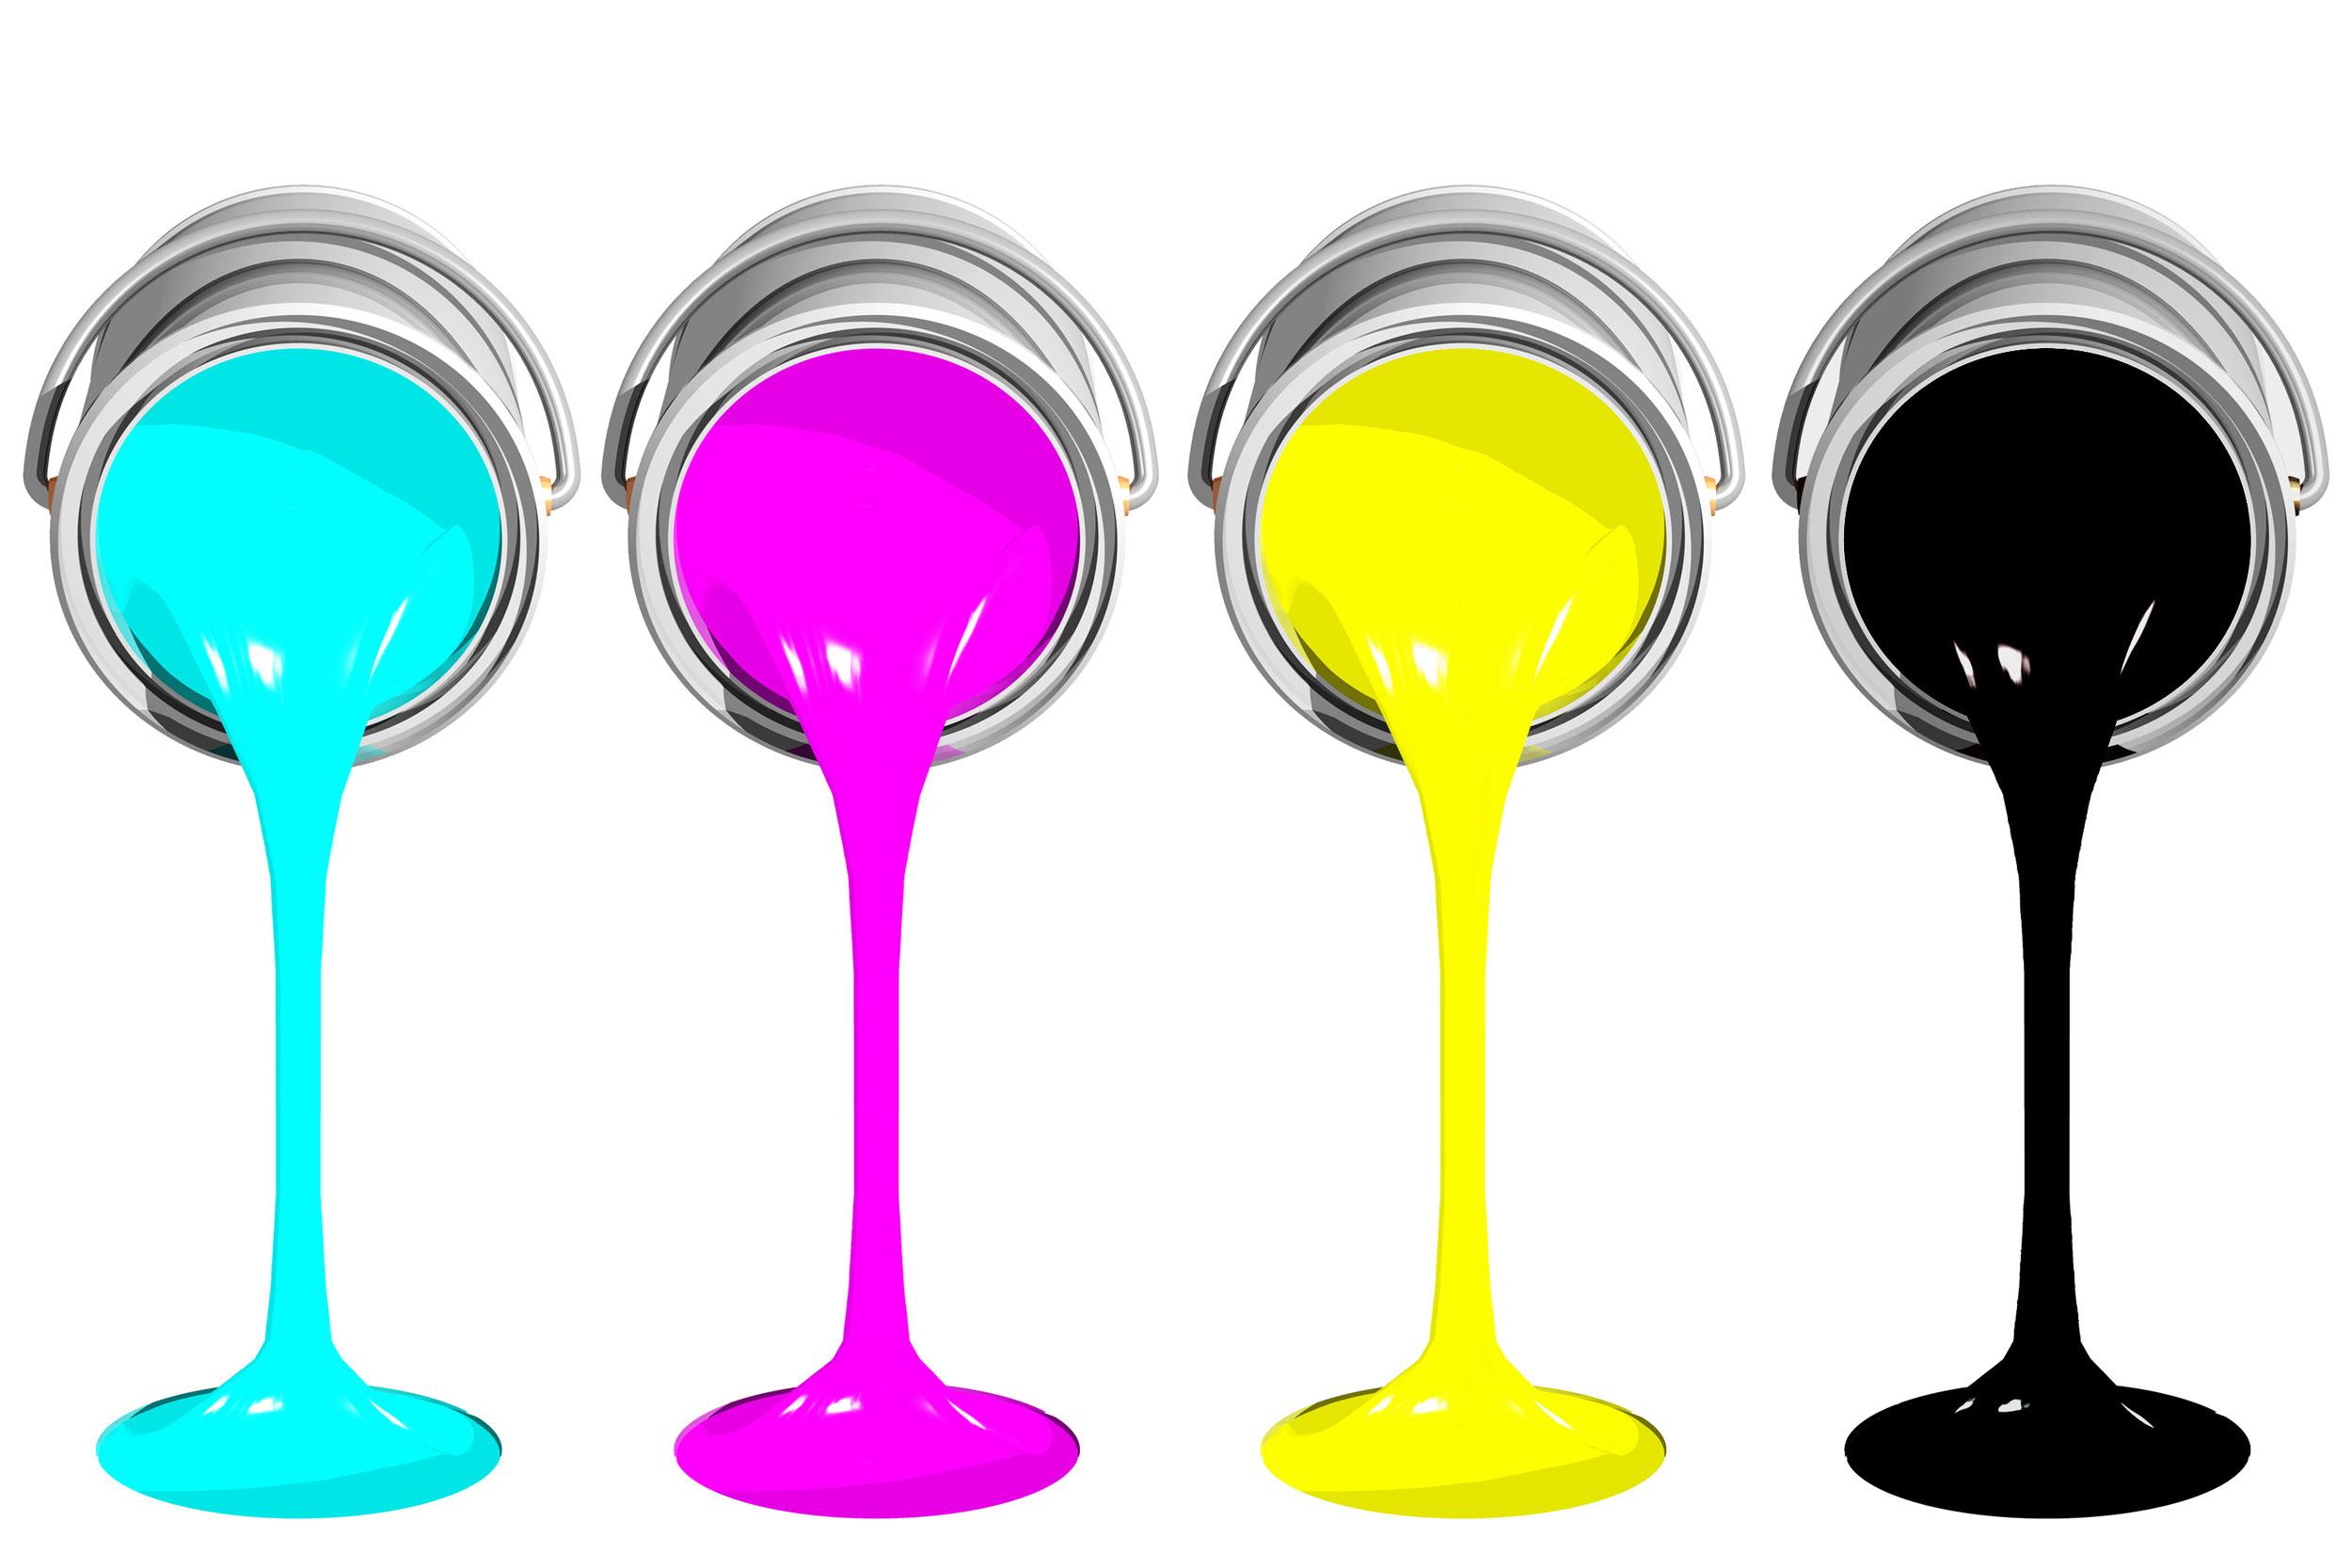 Qualita-e-fedelta-cromatica-costanti-certificate-ISO-12647-il-nuovo-primato-tecnologico-di-Grafiche-Mercurio